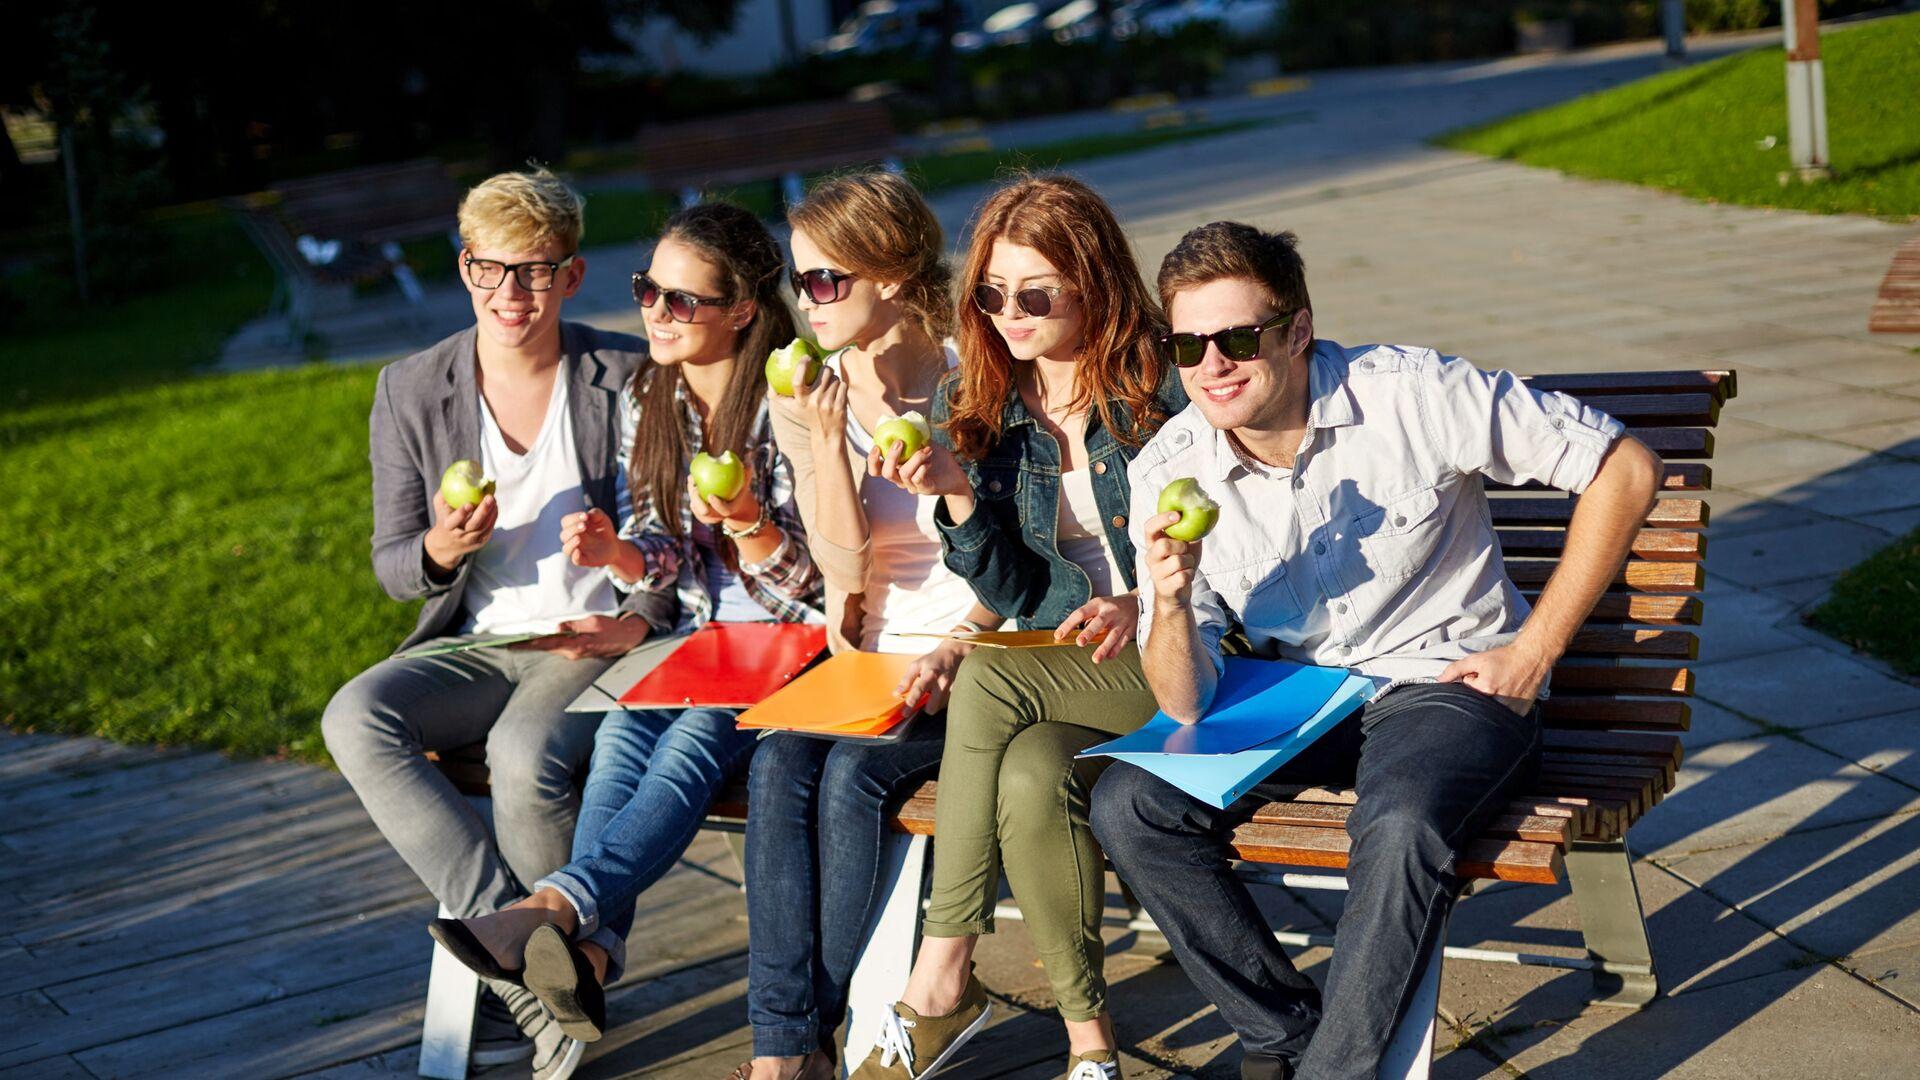 Młodzi ludzie jedzą jabłka na ławeczce w parku. - Sputnik Polska, 1920, 20.04.2021